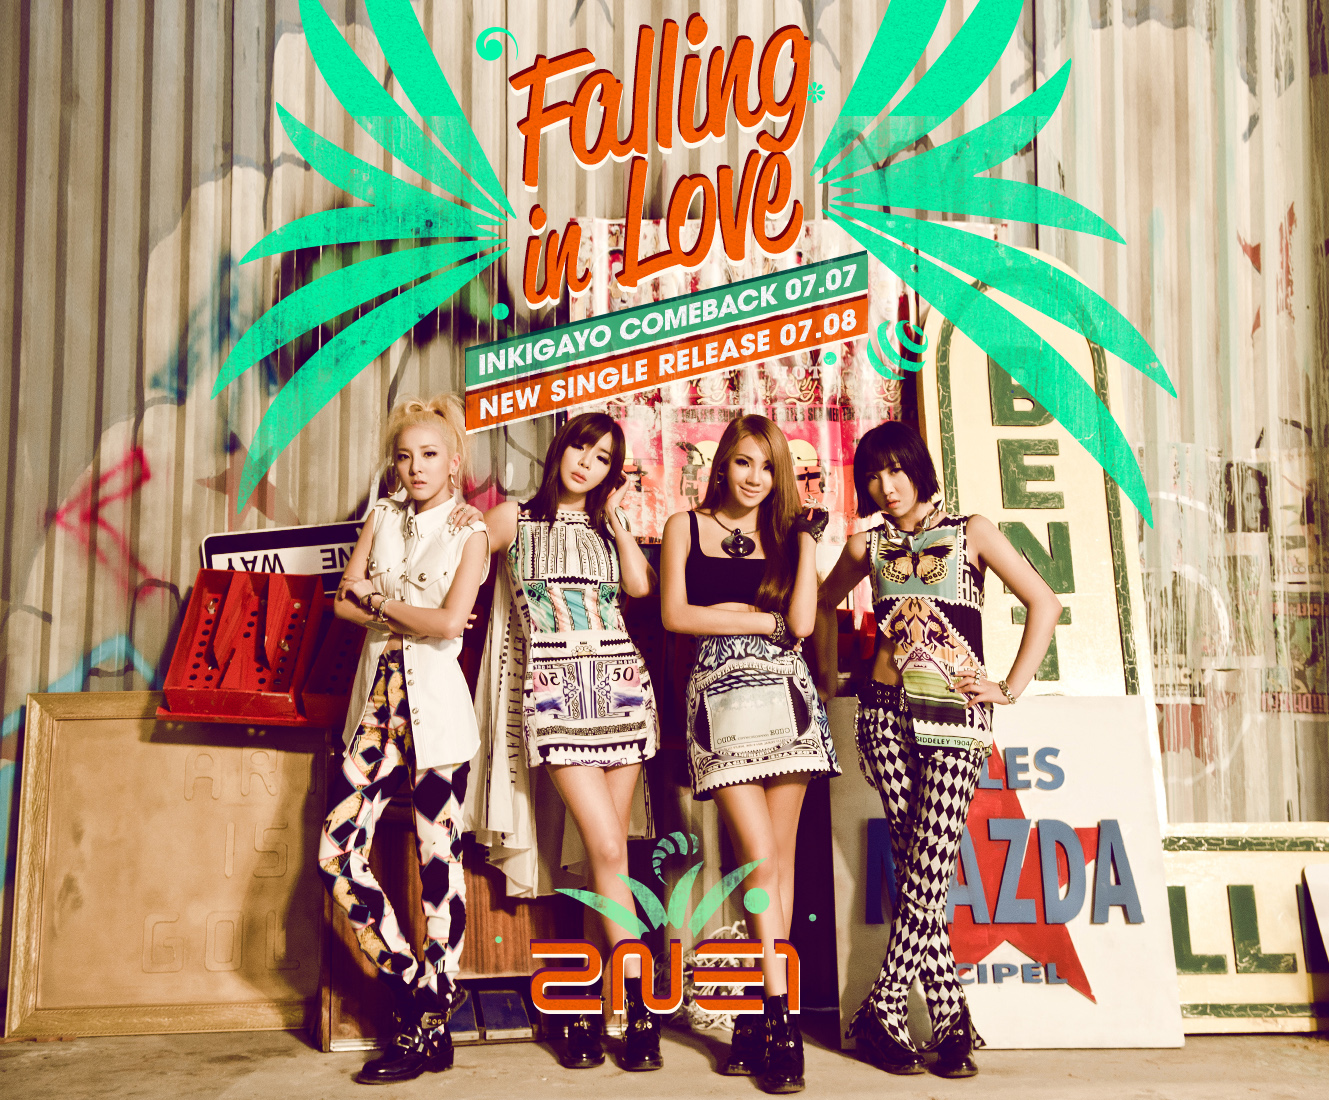 070213 2NE1 falling in love teaser